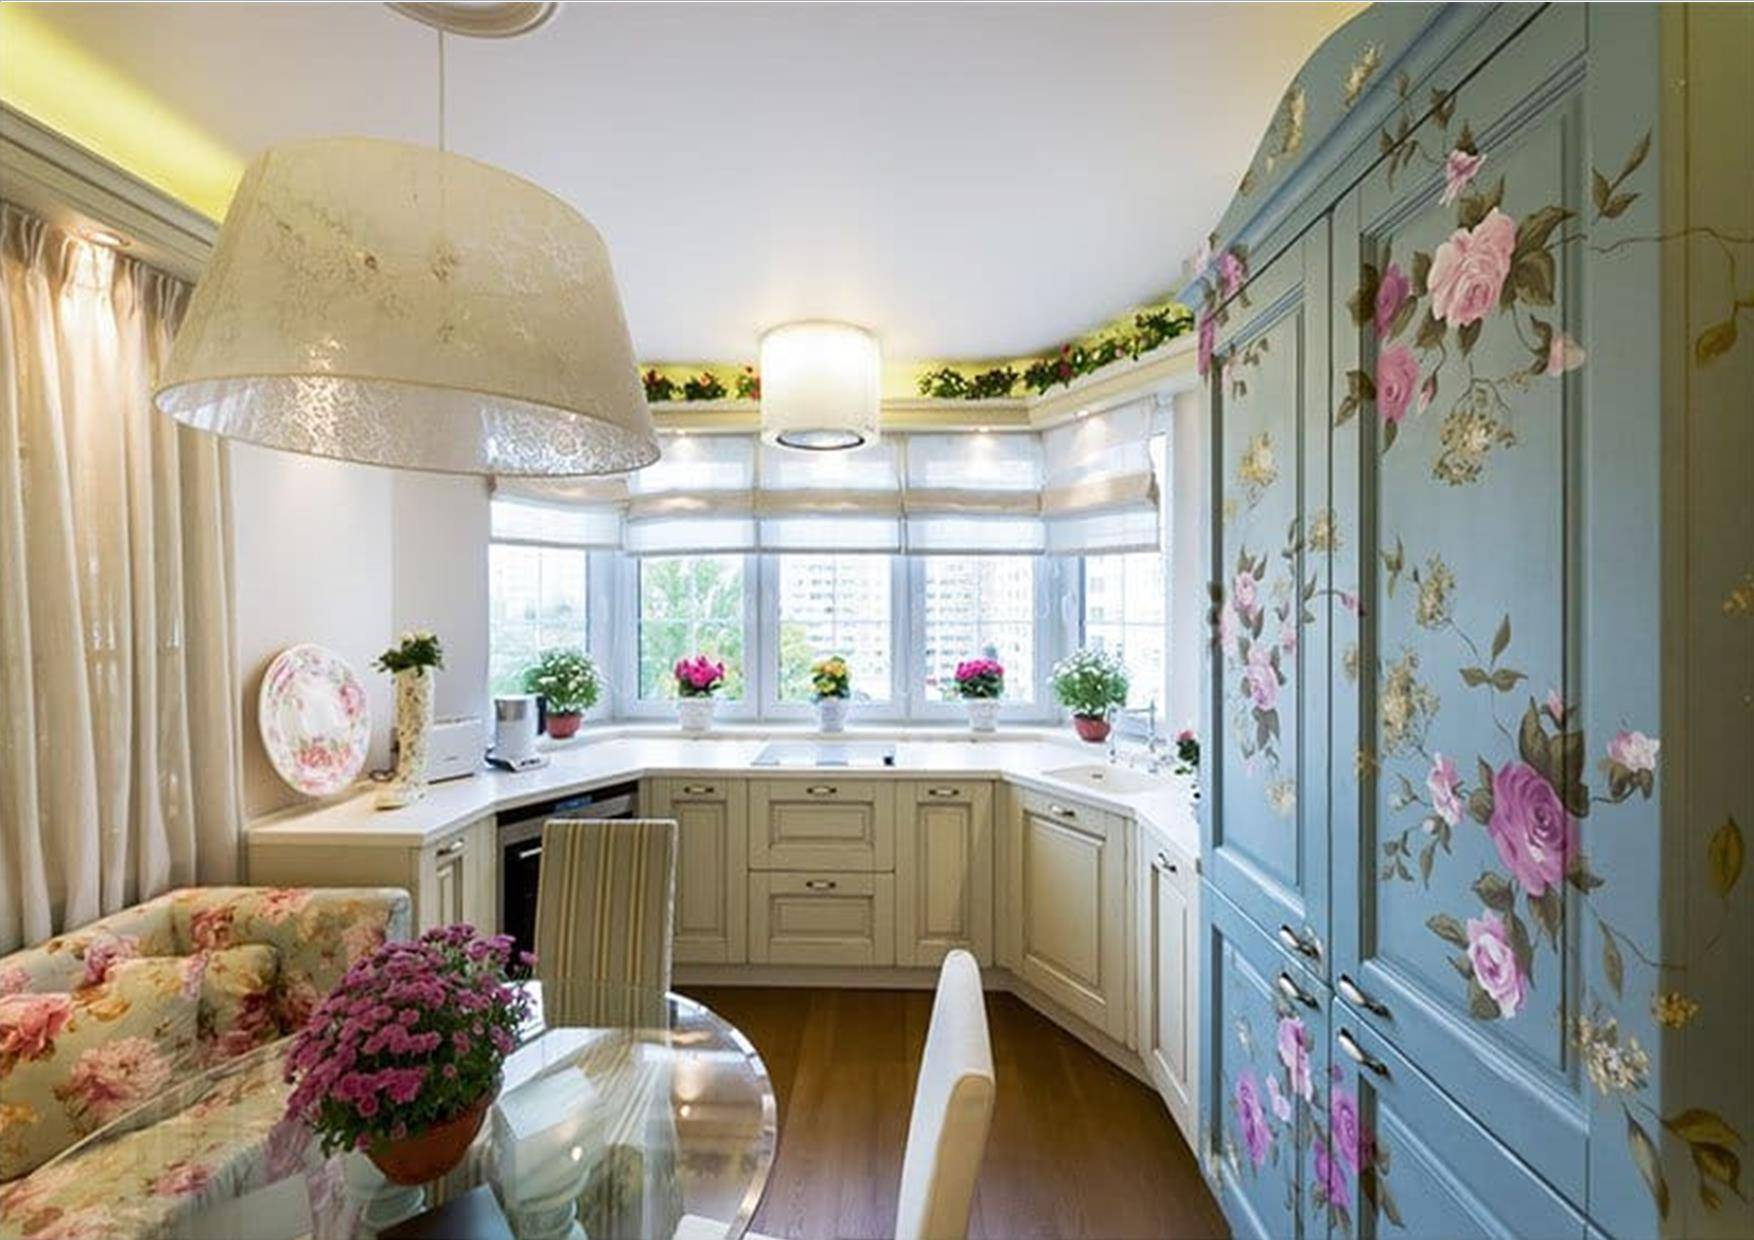 Дизайн кухни-гостиной с эркером: что такое кухня с эркером, планировка кухни, важные нюансы, полезные советы